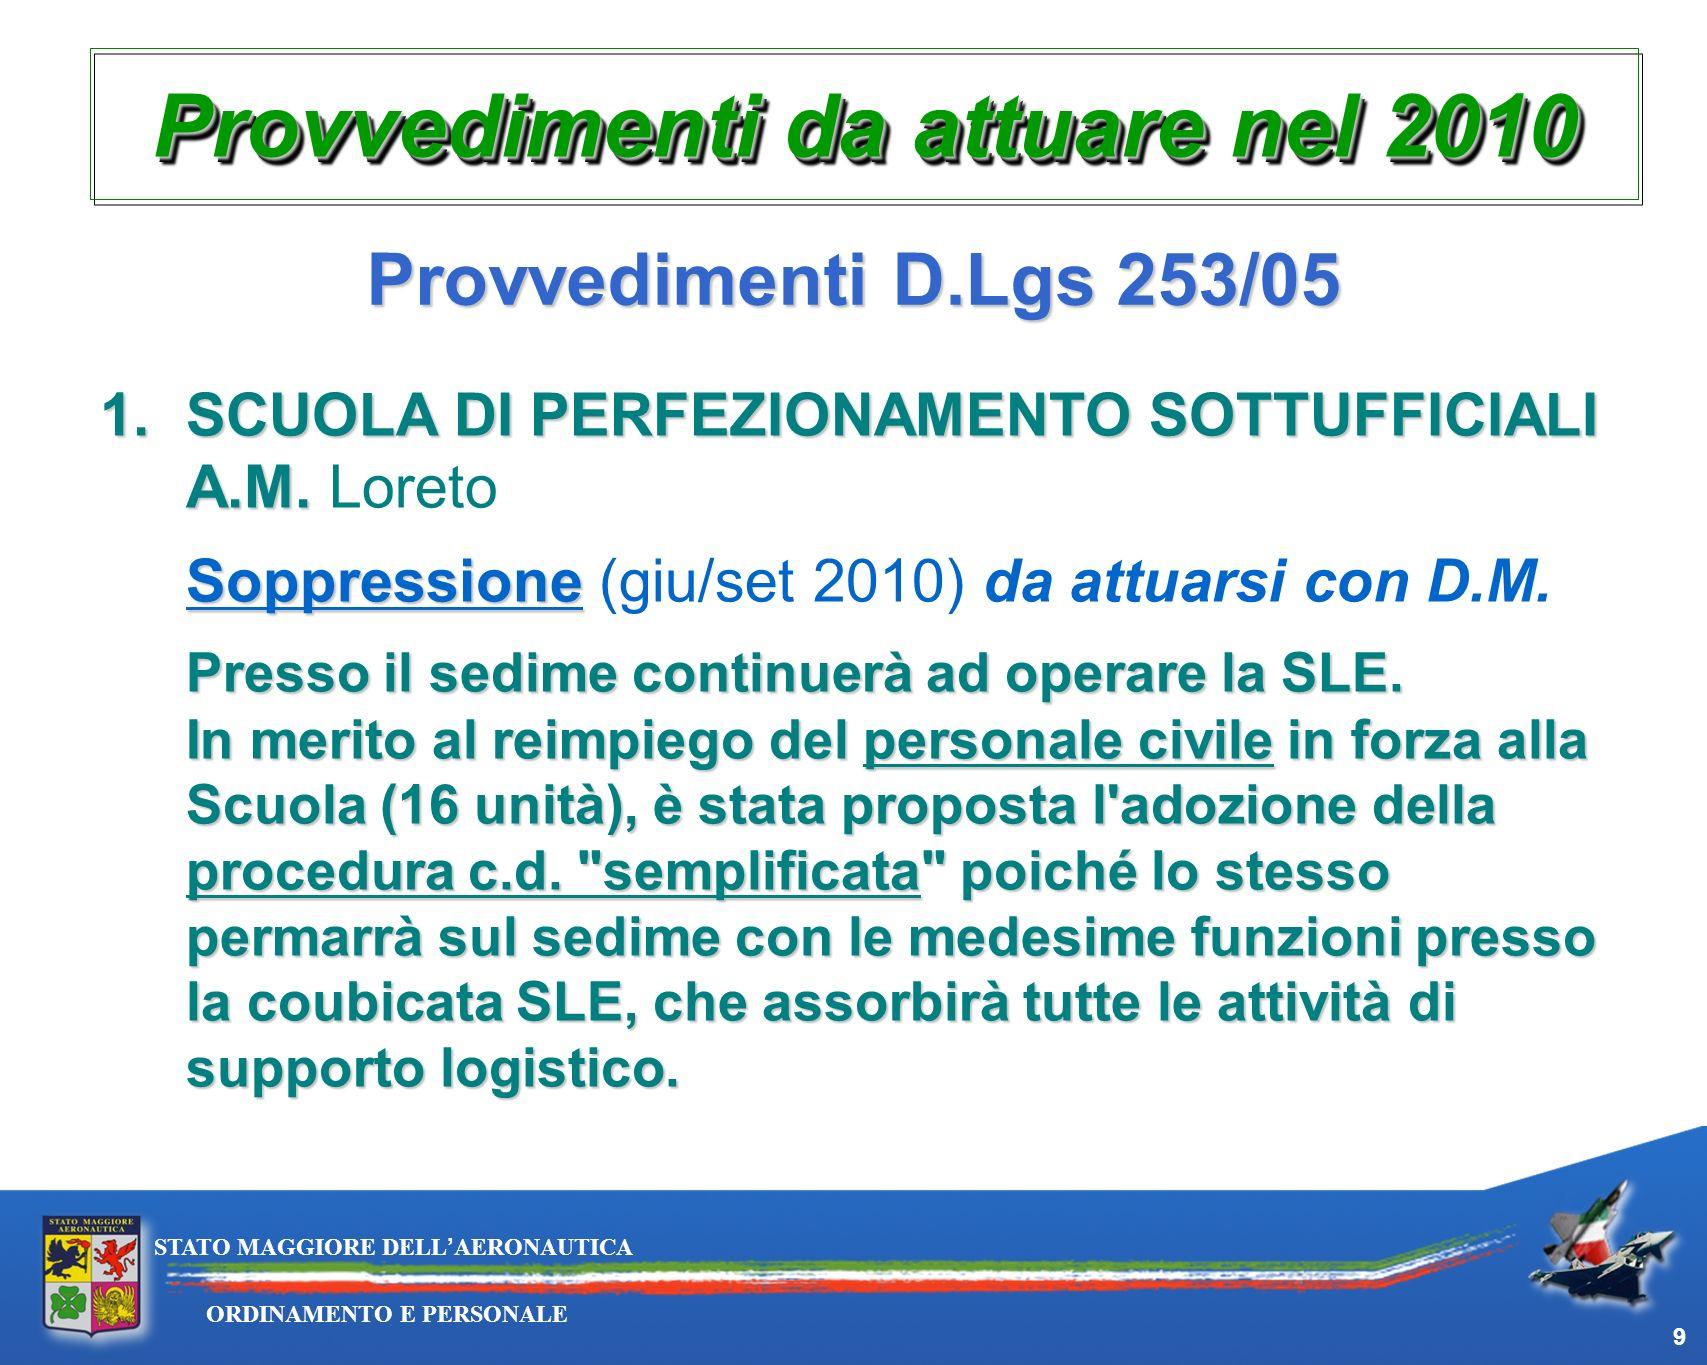 10 ORDINAMENTO E PERSONALE STATO MAGGIORE DELLAERONAUTICA Provvedimenti da attuare nel 2010 Provvedimenti D.Lgs 253/05 1.DISTACCAMENTO AEROPORTUALE 1.DISTACCAMENTO AEROPORTUALE Rimini Soppressione Soppressione (giu/set 2010) L A.M.